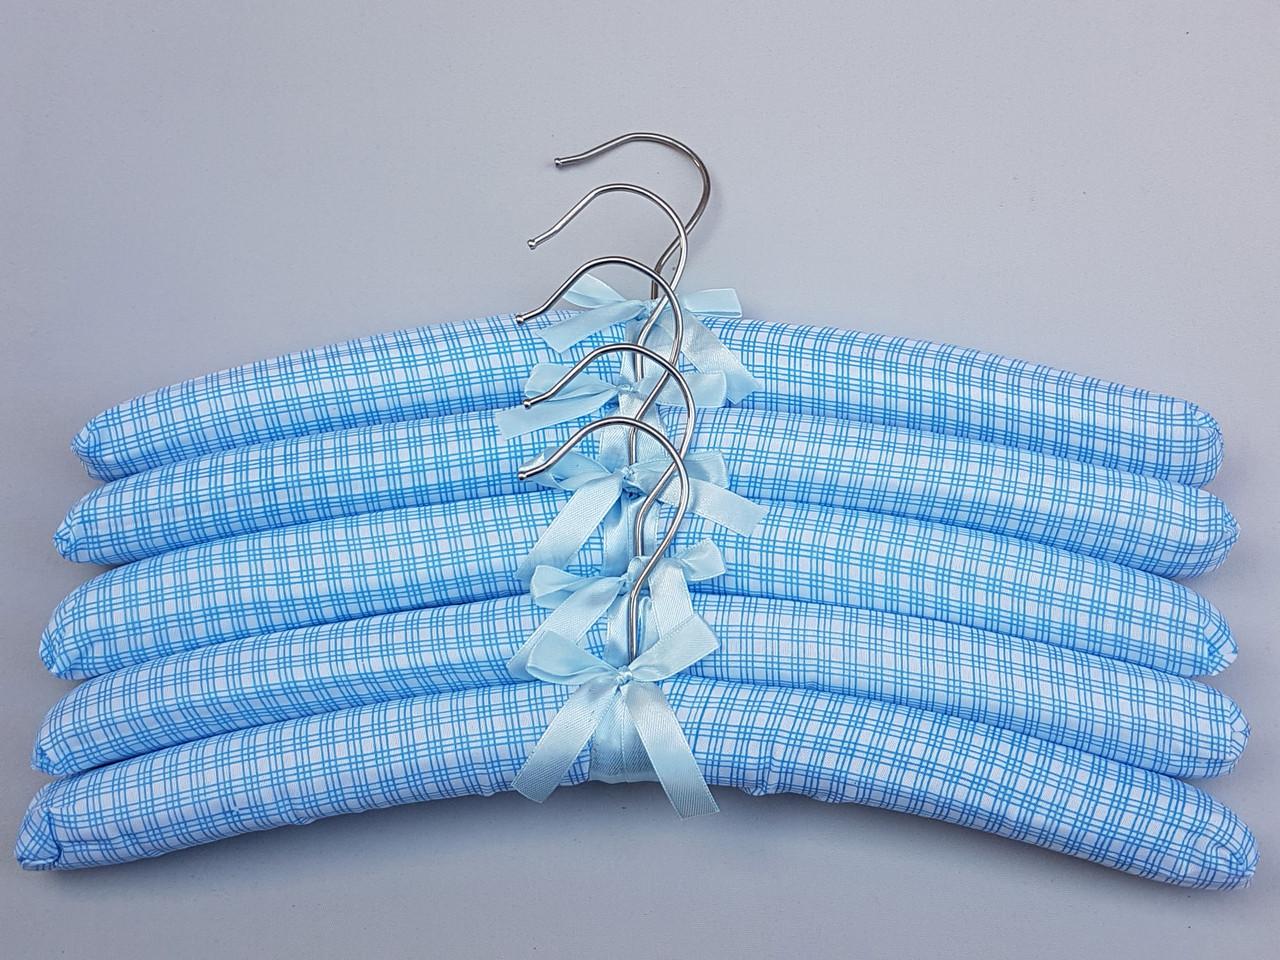 """Плечики тканевые мягкие  """"квадрат"""" голубые, 38 см, 5 штук  в упаковке"""